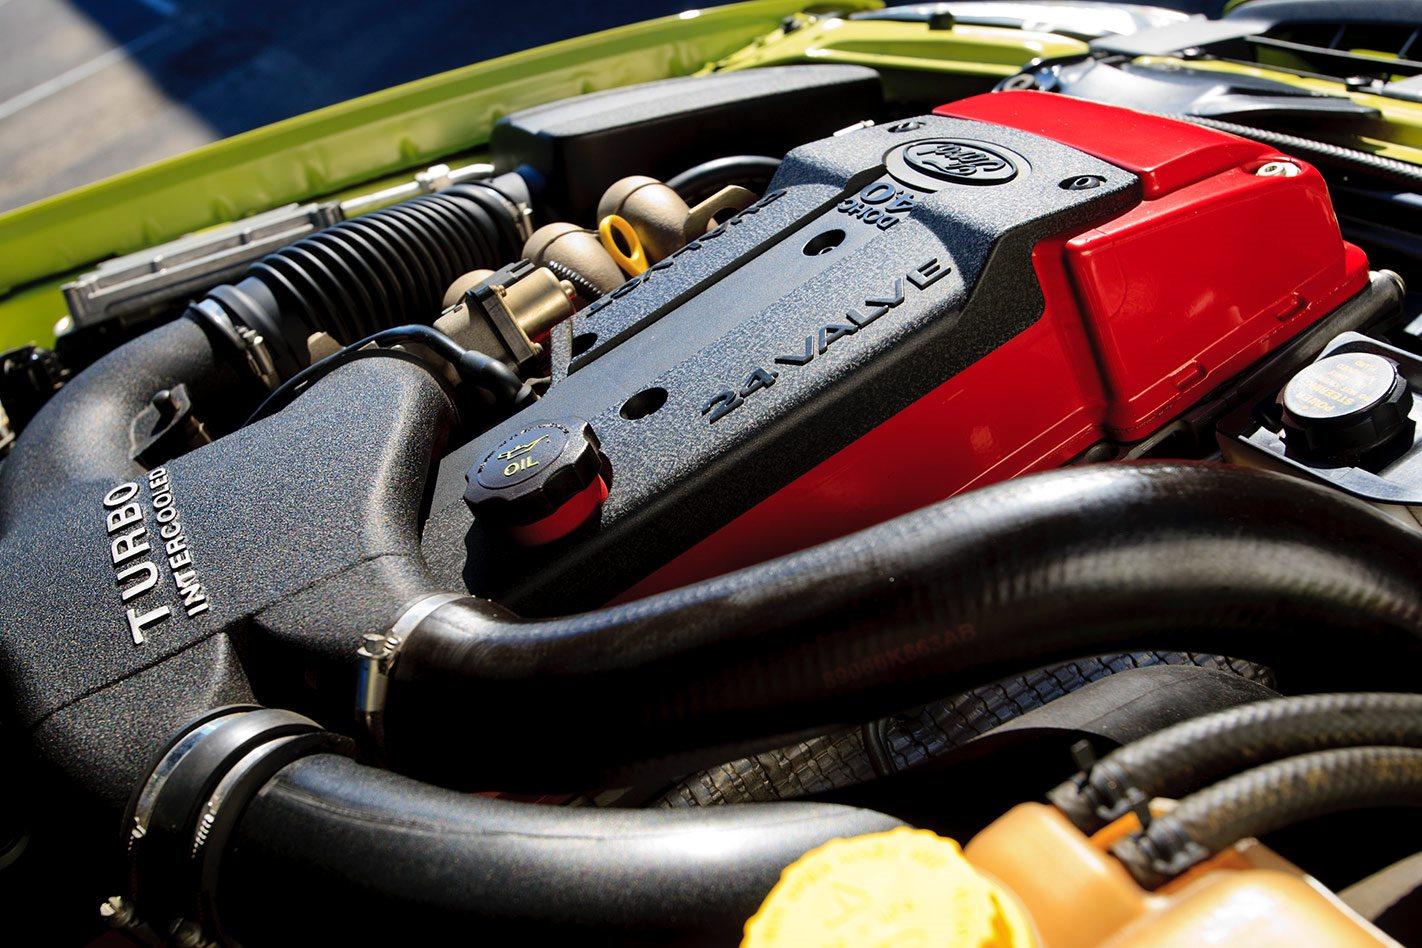 Ford Falcon BA XR6 Turbo engine